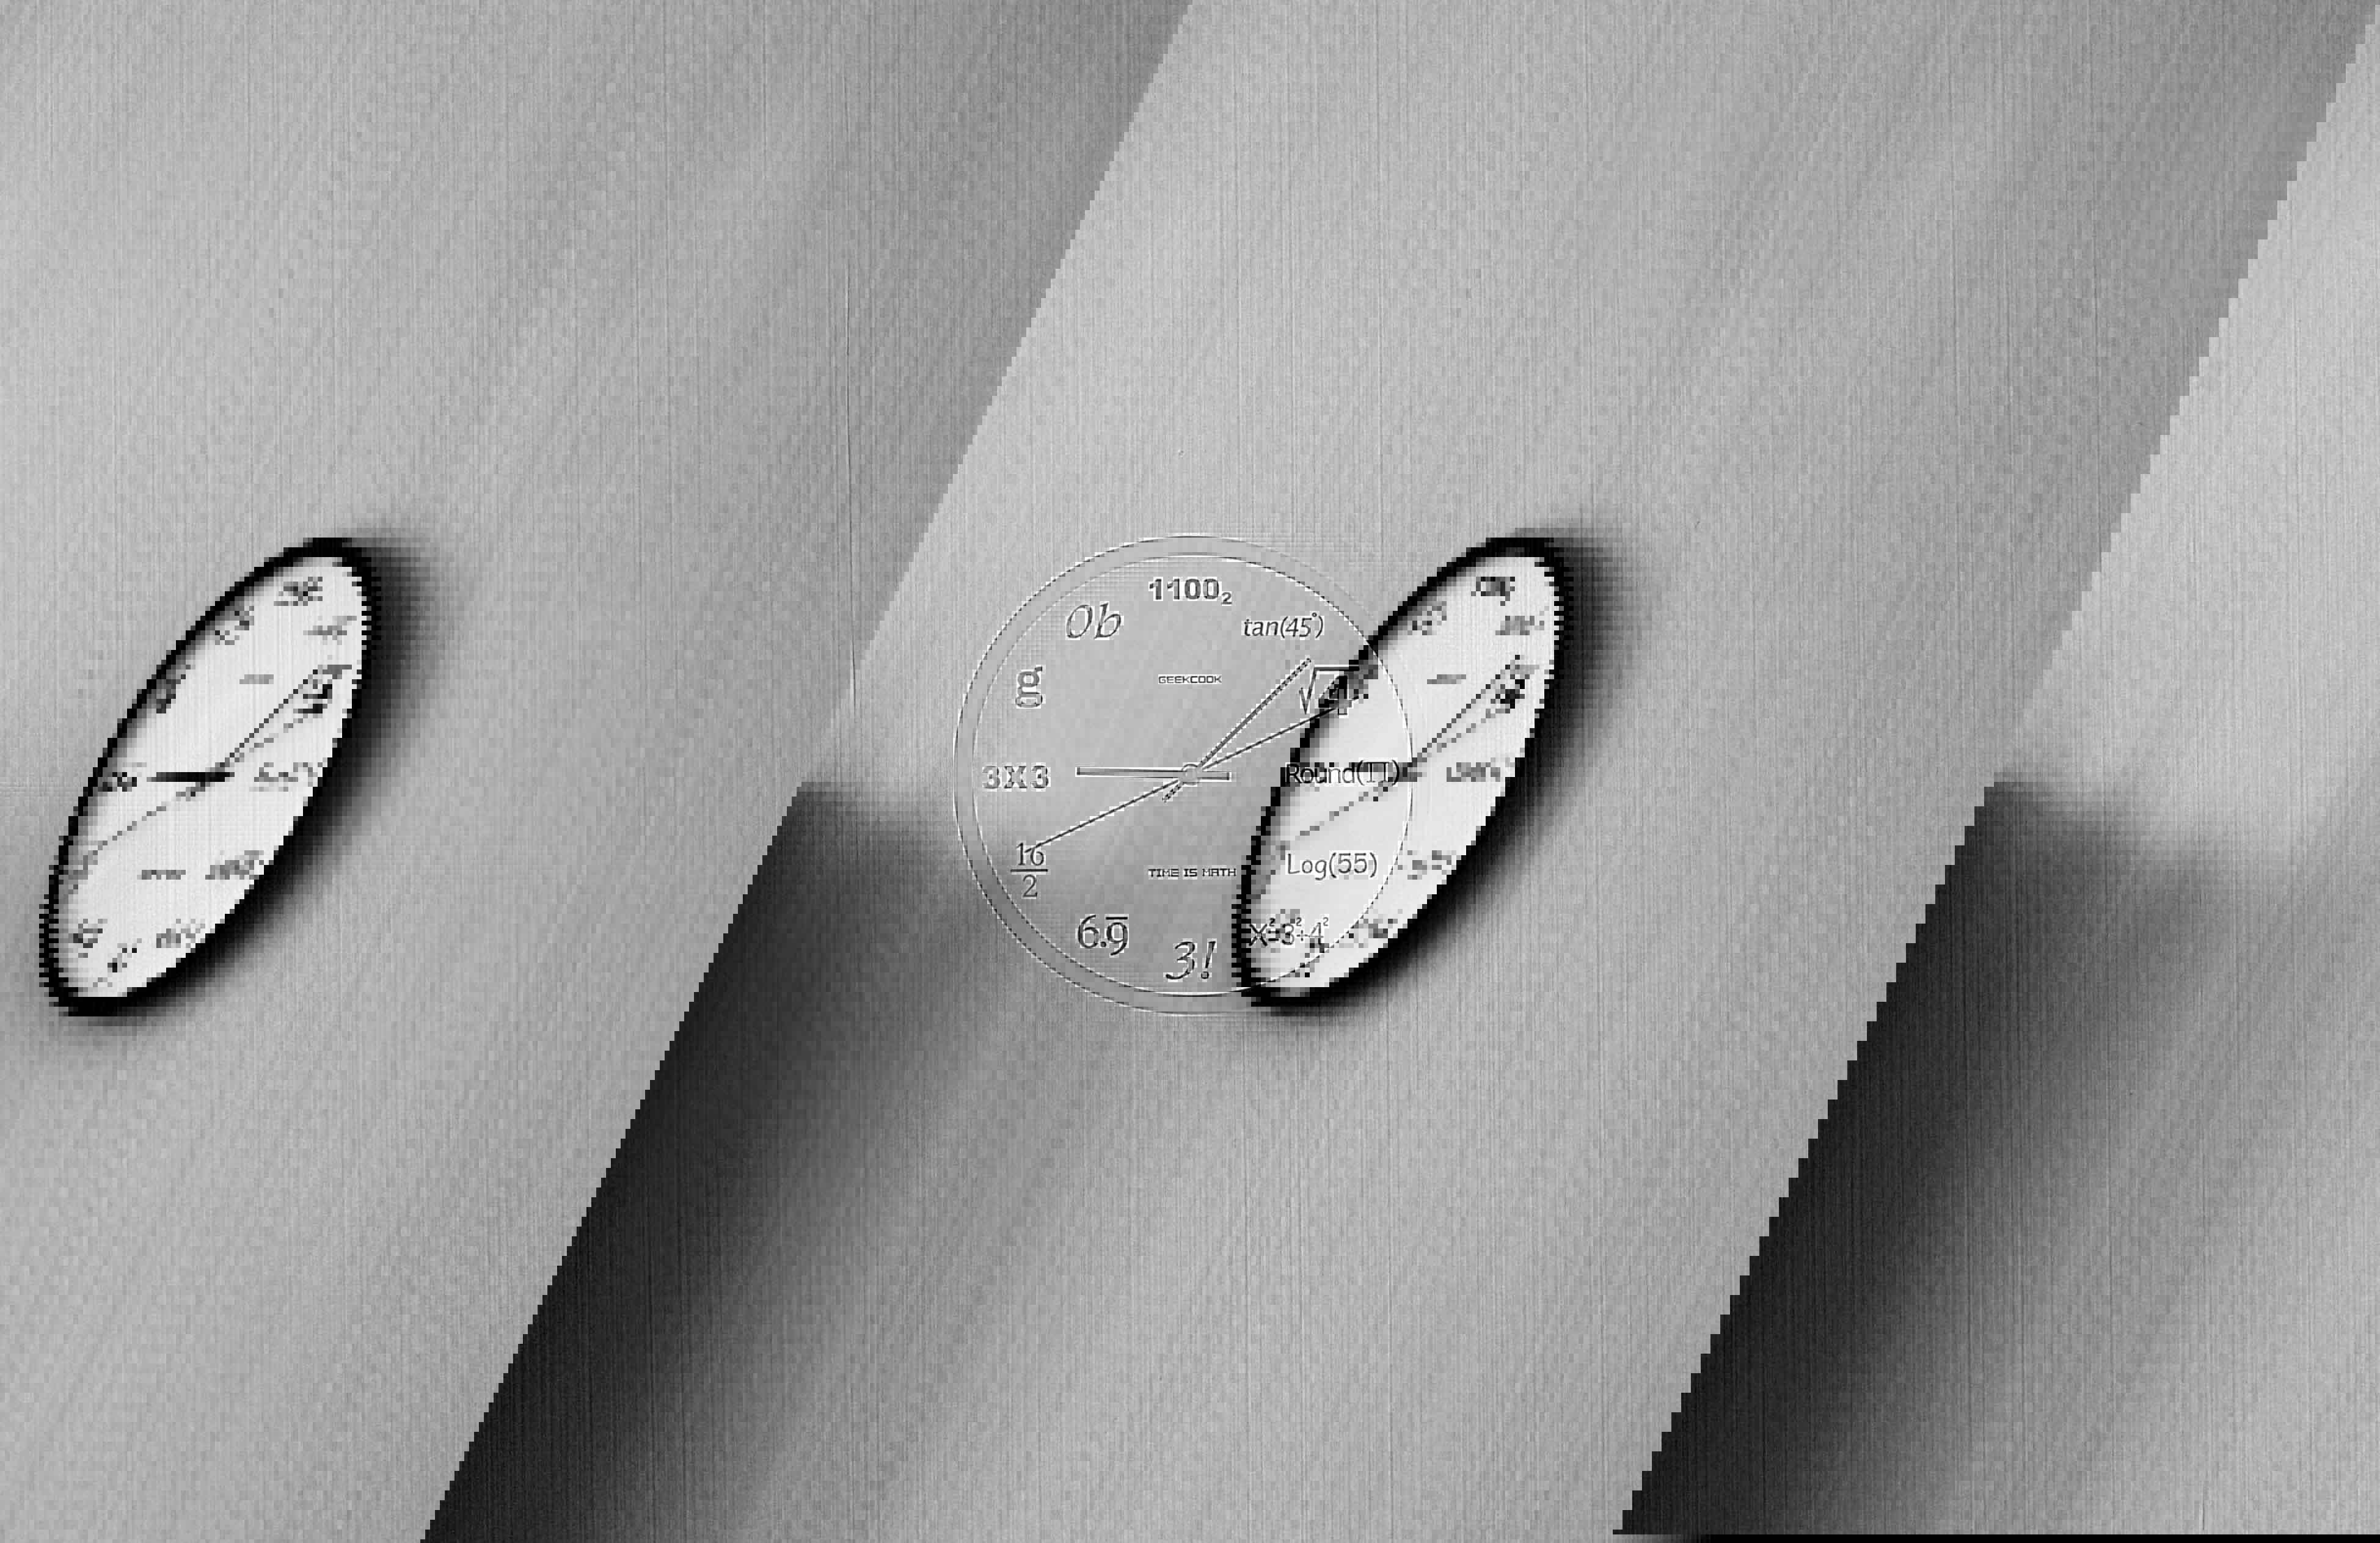 Reloj en la pared con logartimos matemáticos en lugar de horas